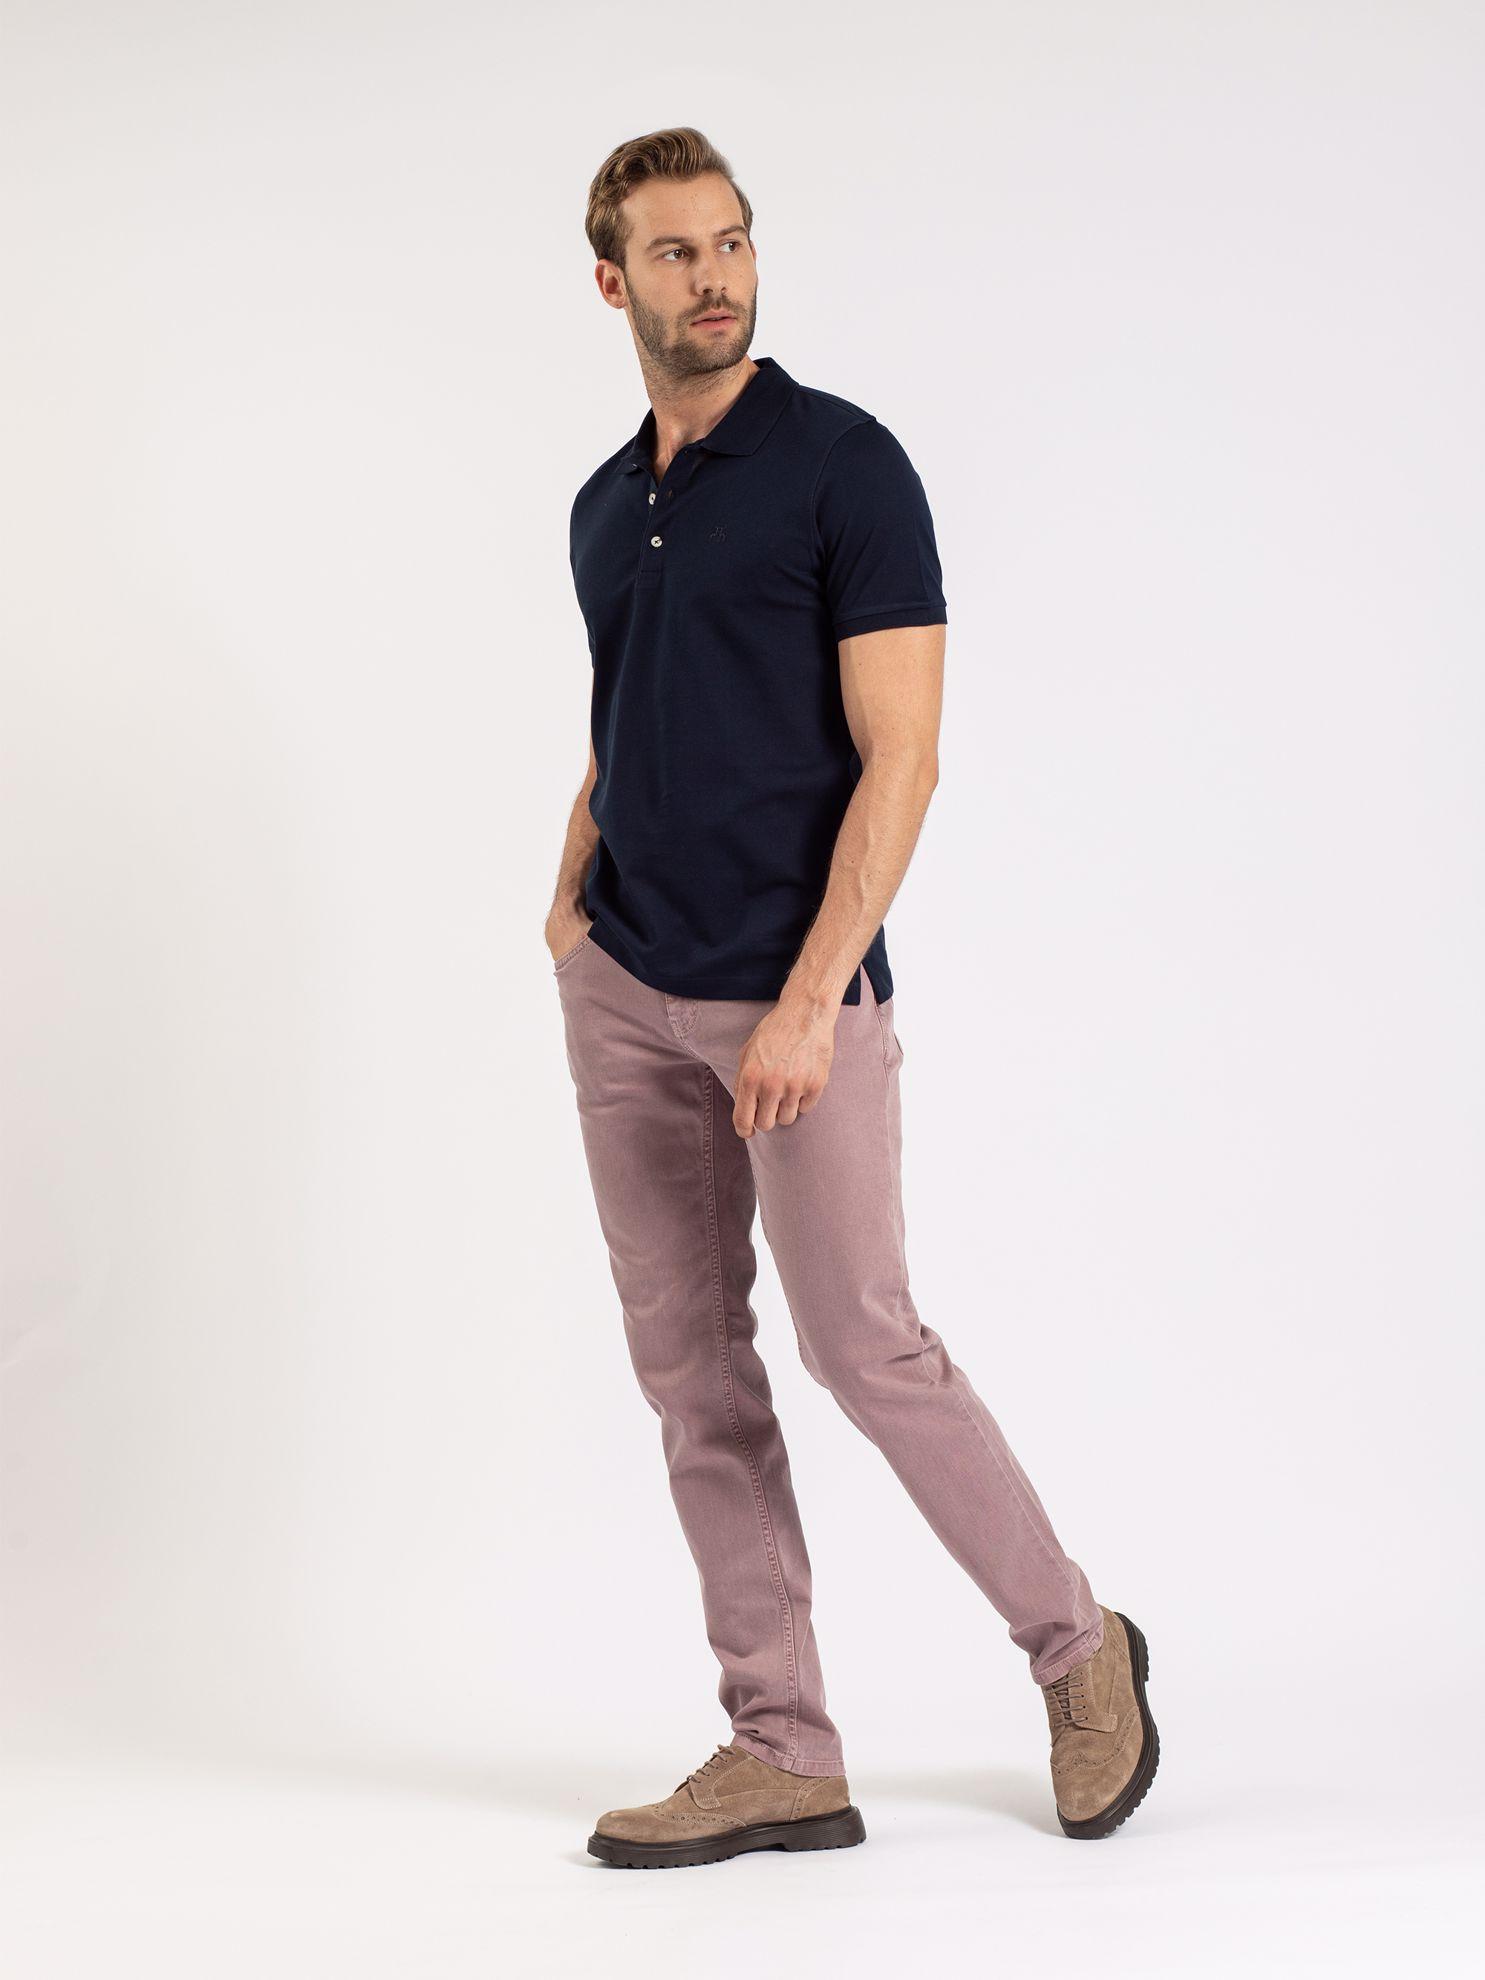 Karaca Erkek Slım Fıt Polo Yaka Tişört-Lacivert. ürün görseli